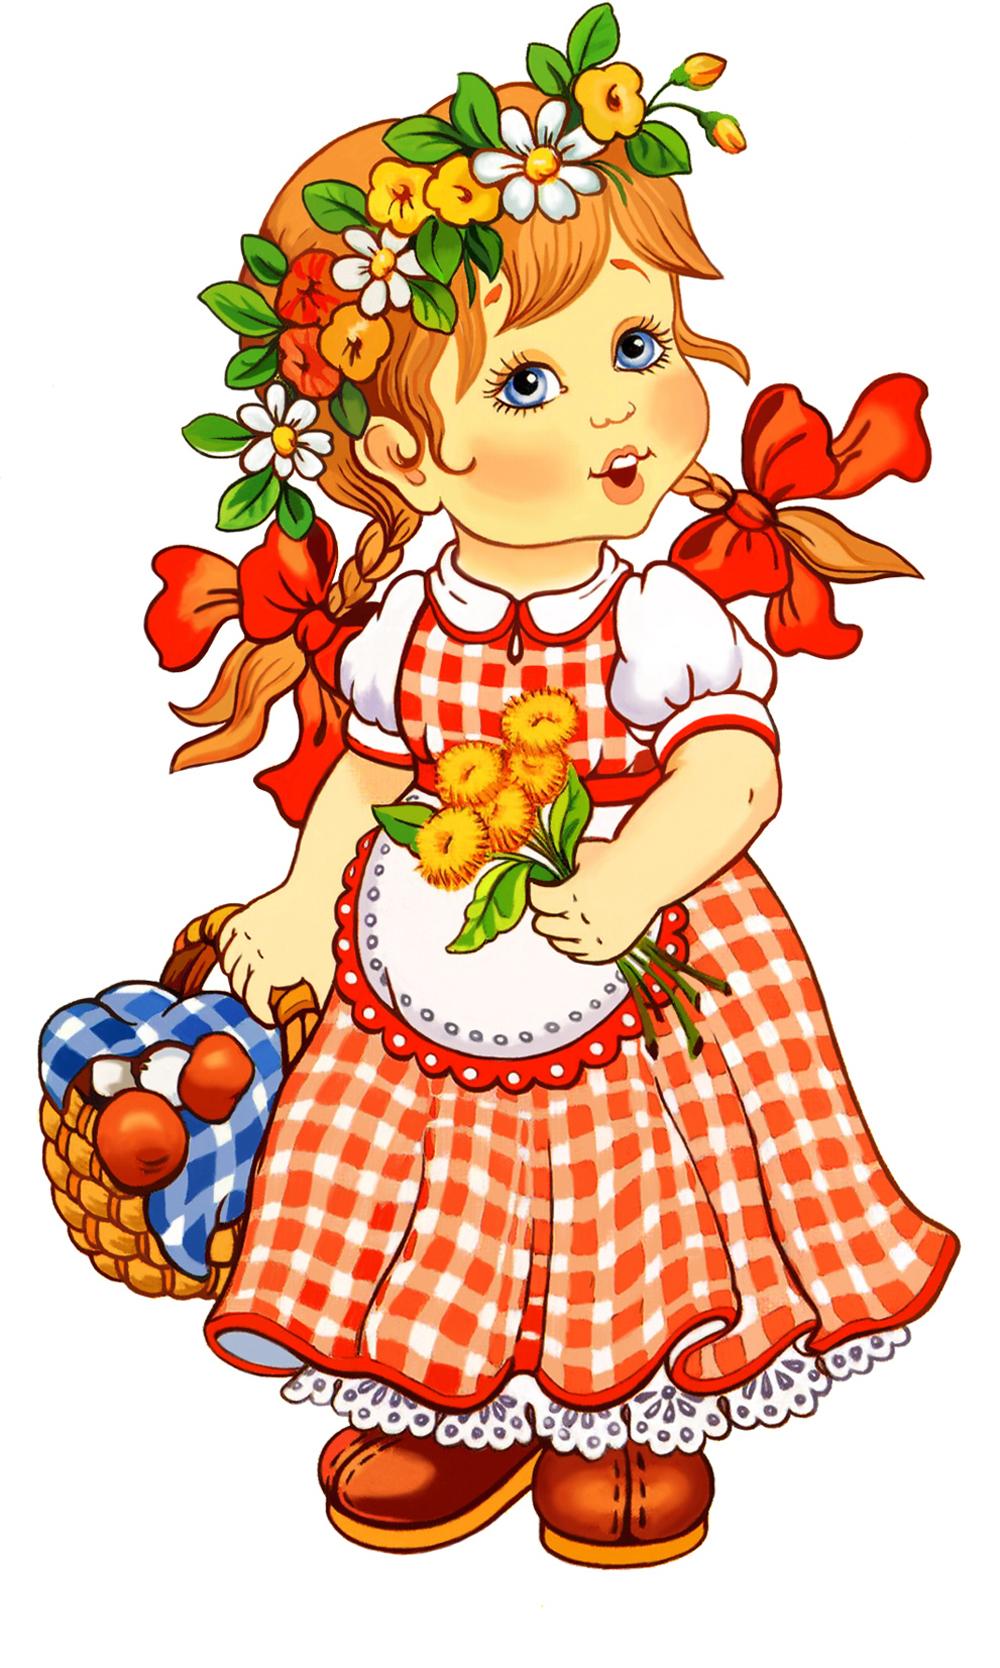 Папертоль Девочка с корзинкой — главное фото сюжета.